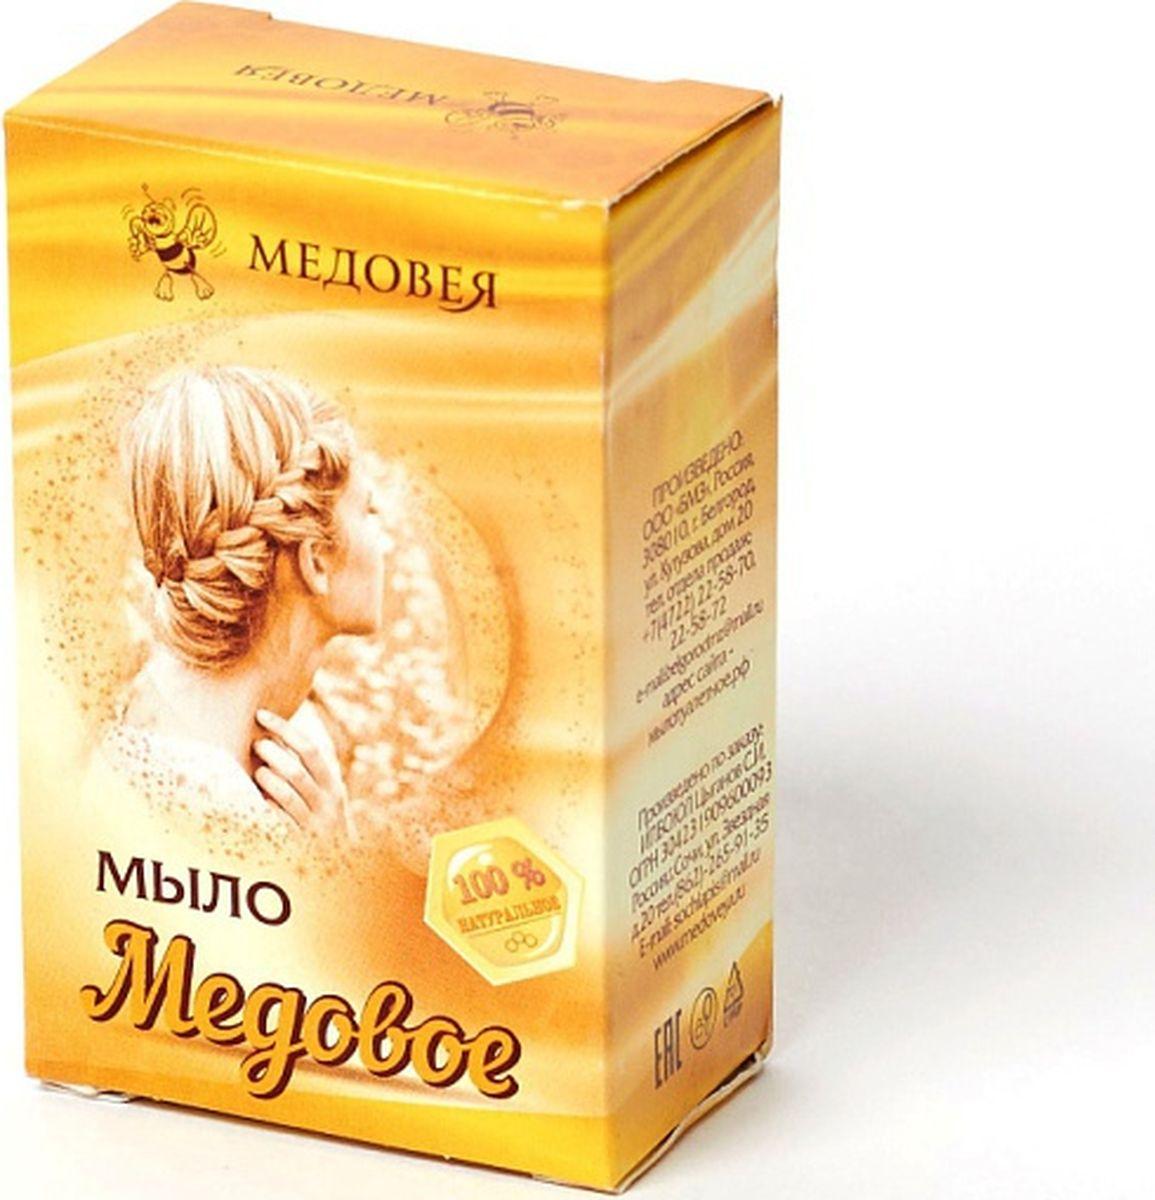 Медовея Мыло Медовое, 80 мл недорго, оригинальная цена